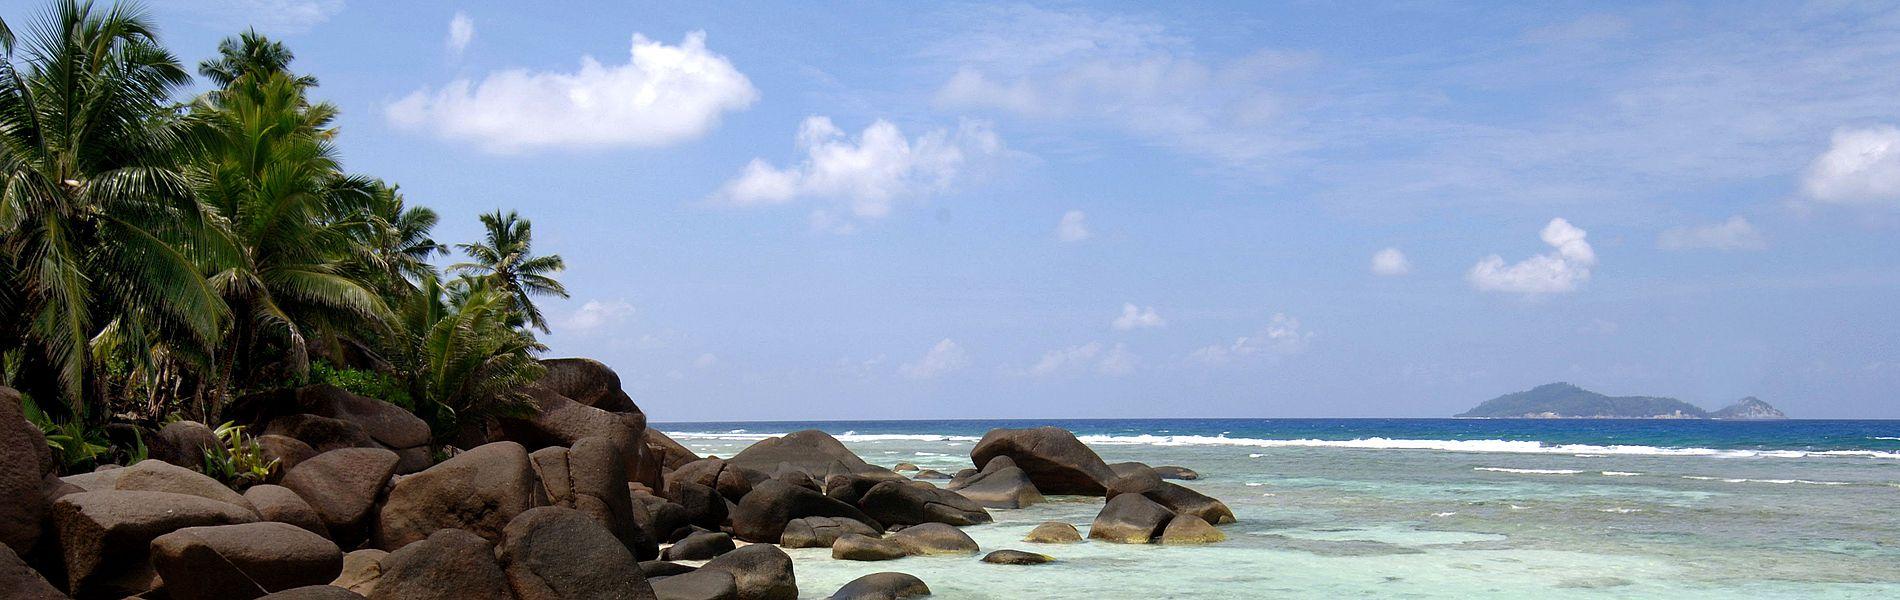 Naturschutz auf den Seychellen